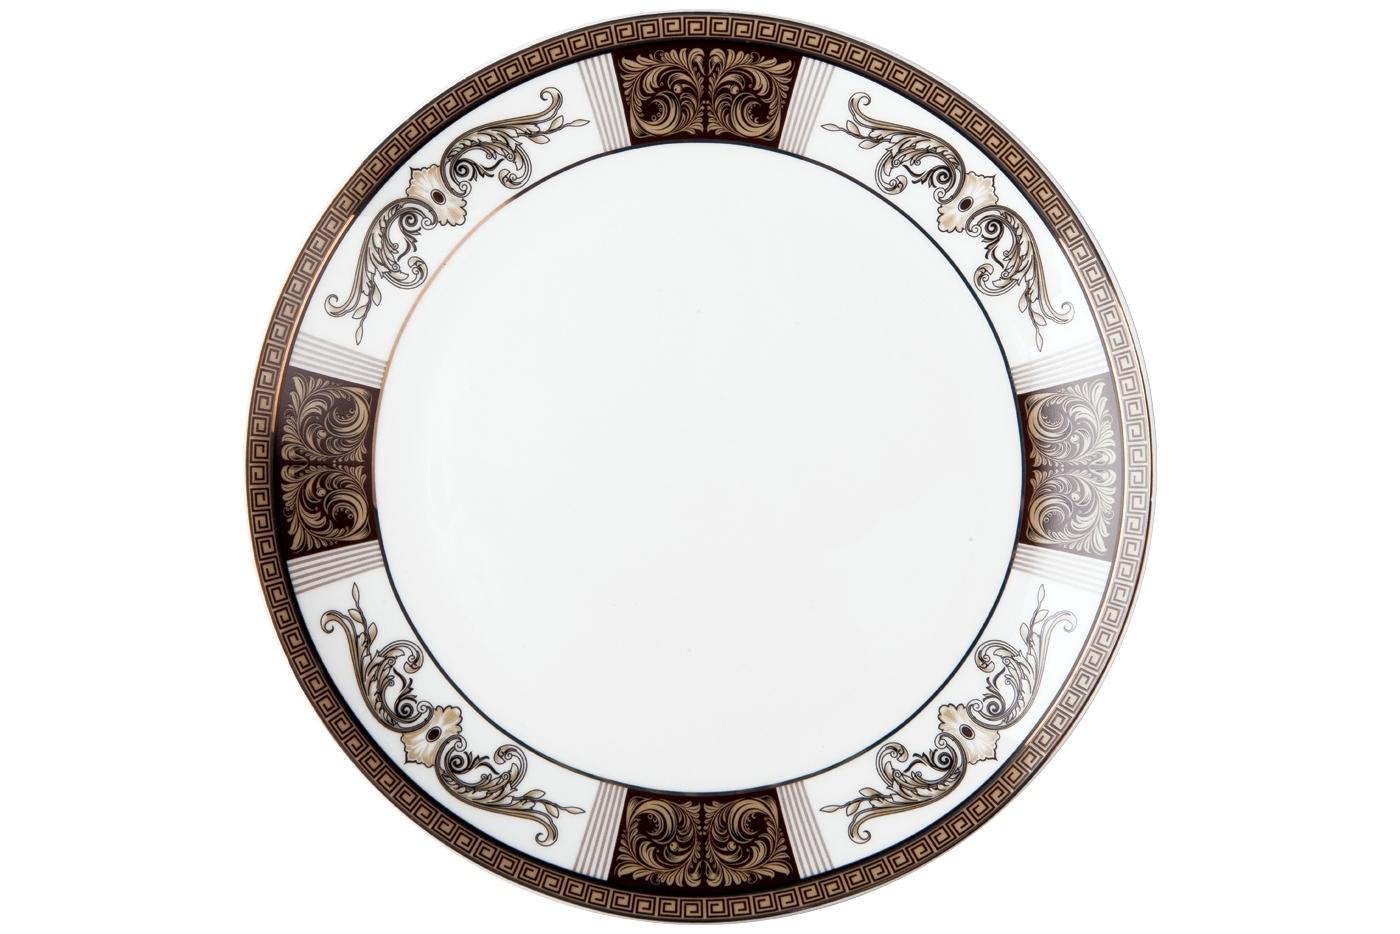 Набор из 6 тарелок Royal Aurel Антик (25см) арт.612Наборы тарелок<br>Набор из 6 тарелок Royal Aurel Антик (25см) арт.612<br>Производить посуду из фарфора начали в Китае на стыке 6-7 веков. Неустанно совершенствуя и селективно отбирая сырье для производства посуды из фарфора, мастерам удалось добиться выдающихся характеристик фарфора: белизны и тонкостенности. В XV веке появился особый интерес к китайской фарфоровой посуде, так как в это время Европе возникла мода на самобытные китайские вещи. Роскошный китайский фарфор являлся изыском и был в новинку, поэтому он выступал в качестве подарка королям, а также знатным людям. Такой дорогой подарок был очень престижен и по праву являлся элитной посудой. Как известно из многочисленных исторических документов, в Европе китайские изделия из фарфора ценились практически как золото. <br>Проверка изделий из костяного фарфора на подлинность <br>По сравнению с производством других видов фарфора процесс производства изделий из настоящего костяного фарфора сложен и весьма длителен. Посуда из изящного фарфора - это элитная посуда, которая всегда ассоциируется с богатством, величием и благородством. Несмотря на небольшую толщину, фарфоровая посуда - это очень прочное изделие. Для демонстрации плотности и прочности фарфора можно легко коснуться предметов посуды из фарфора деревянной палочкой, и тогда мы услушим характерный металлический звон. В составе фарфоровой посуды присутствует костяная зола, благодаря чему она может быть намного тоньше (не более 2,5 мм) и легче твердого или мягкого фарфора. Безупречная белизна - ключевой признак отличия такого фарфора от других. Цвет обычного фарфора сероватый или ближе к голубоватому, а костяной фарфор будет всегда будет молочно-белого цвета. Характерная и немаловажная деталь - это невесомая прозрачность изделий из фарфора такая, что сквозь него проходит свет.<br>